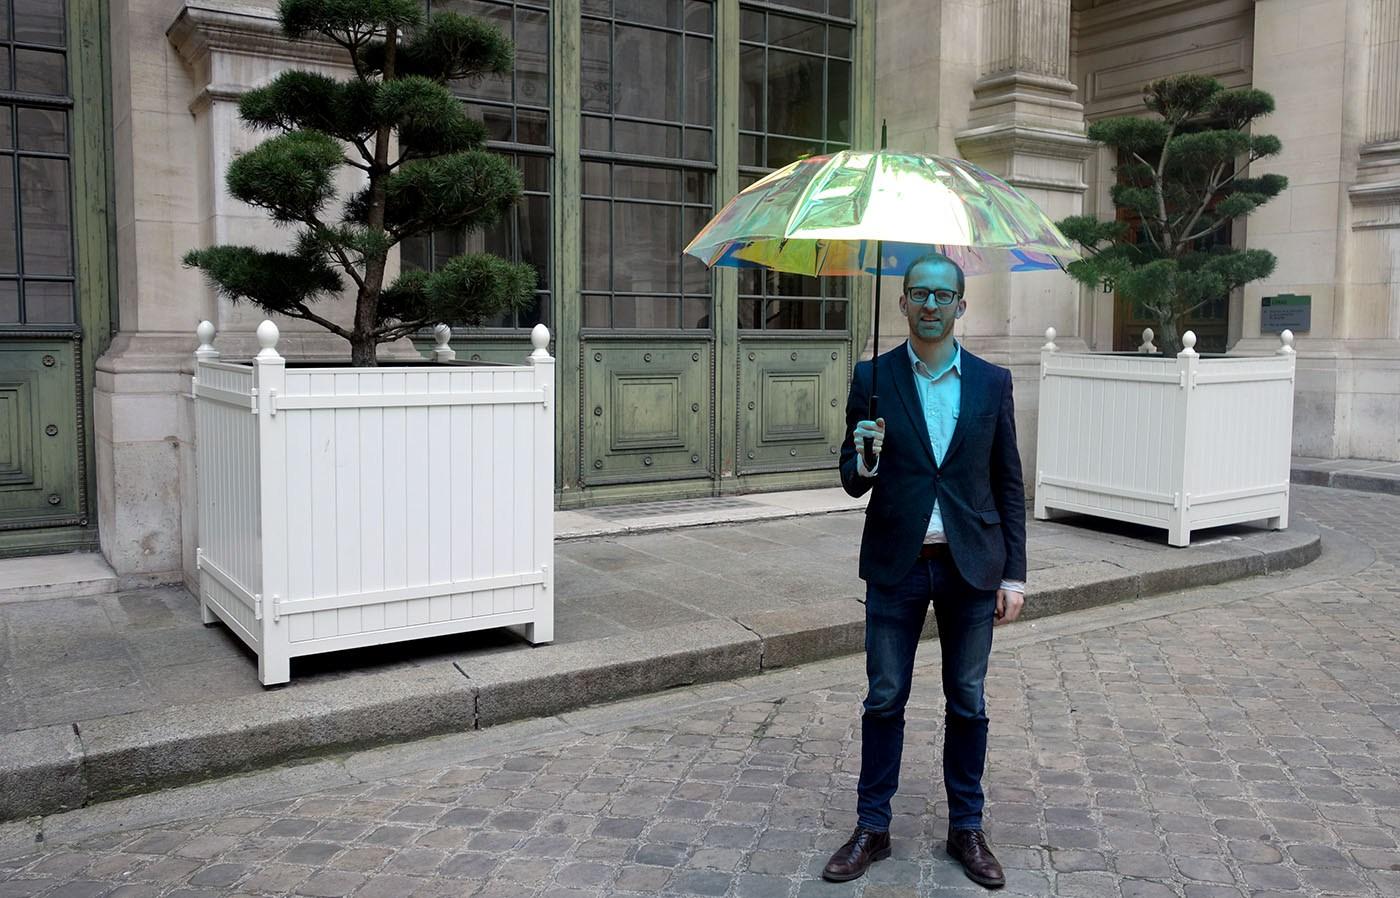 تعرف على الخصائص الرائعة للمظلة الذكية Oombrella